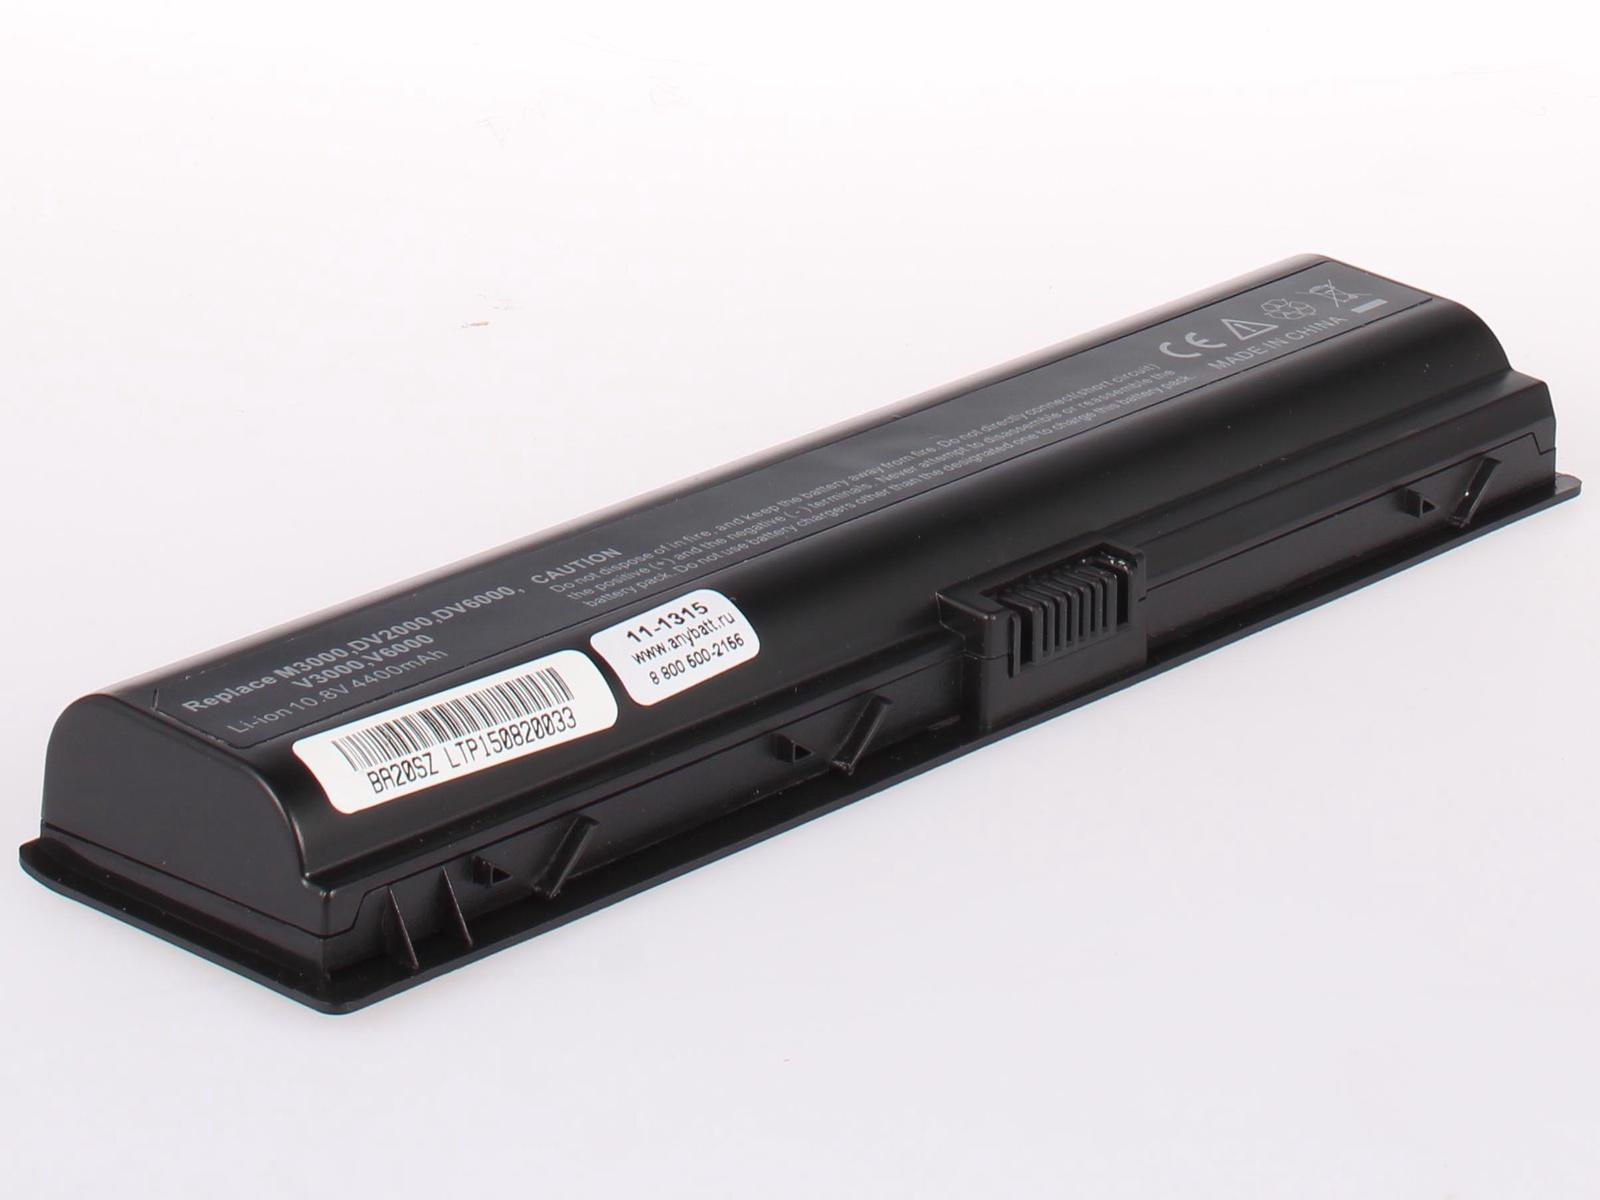 Аккумулятор для ноутбука AnyBatt для HP-Compaq Pavilion dv6825es, Pavilion dv2699ee, Pavilion dv6525eo, Pavilion dv6605us, Pavilion dv6720, Pavilion dv2103ea, Pavilion dv2915nr, Pavilion dv6500er, Pavilion dv6800 hp pavilion 550 221ur t1g75ea